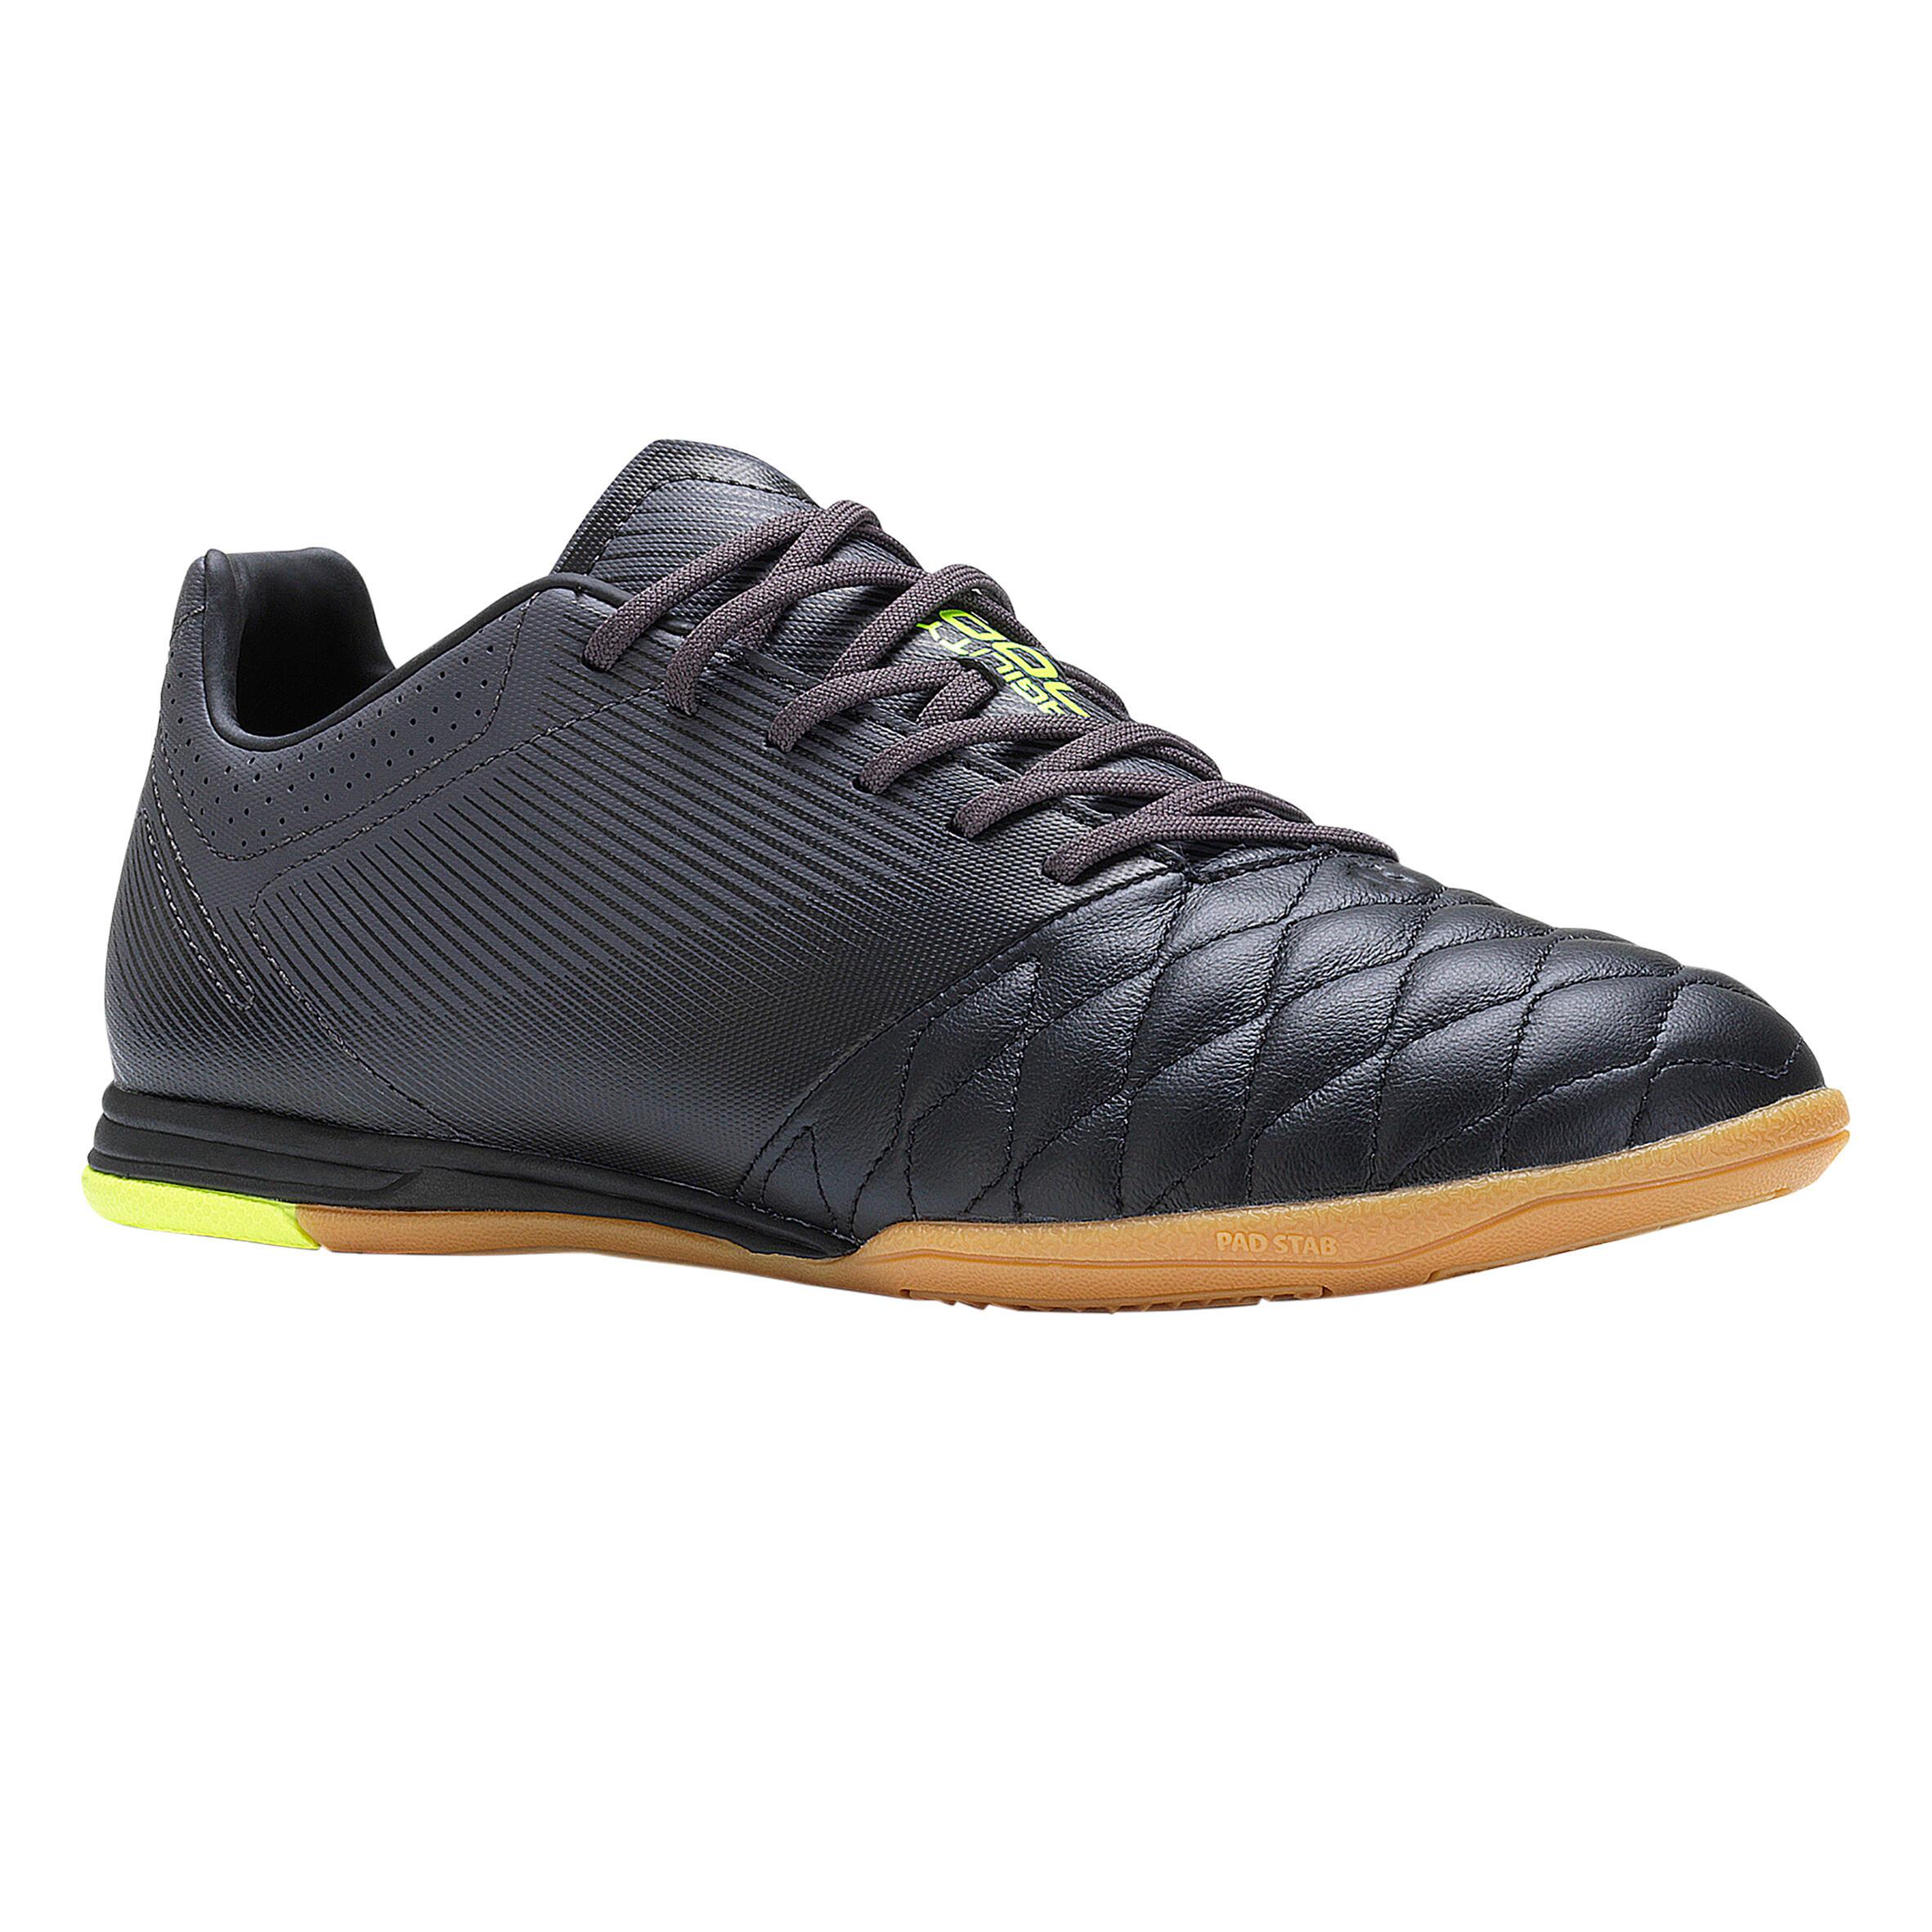 Hallenschuhe Futsal Fußball Agility 700 Leder Erwachsene schwarz | Schuhe > Sportschuhe > Hallenschuhe | Schwarz - Grau - Gelb | Imviso